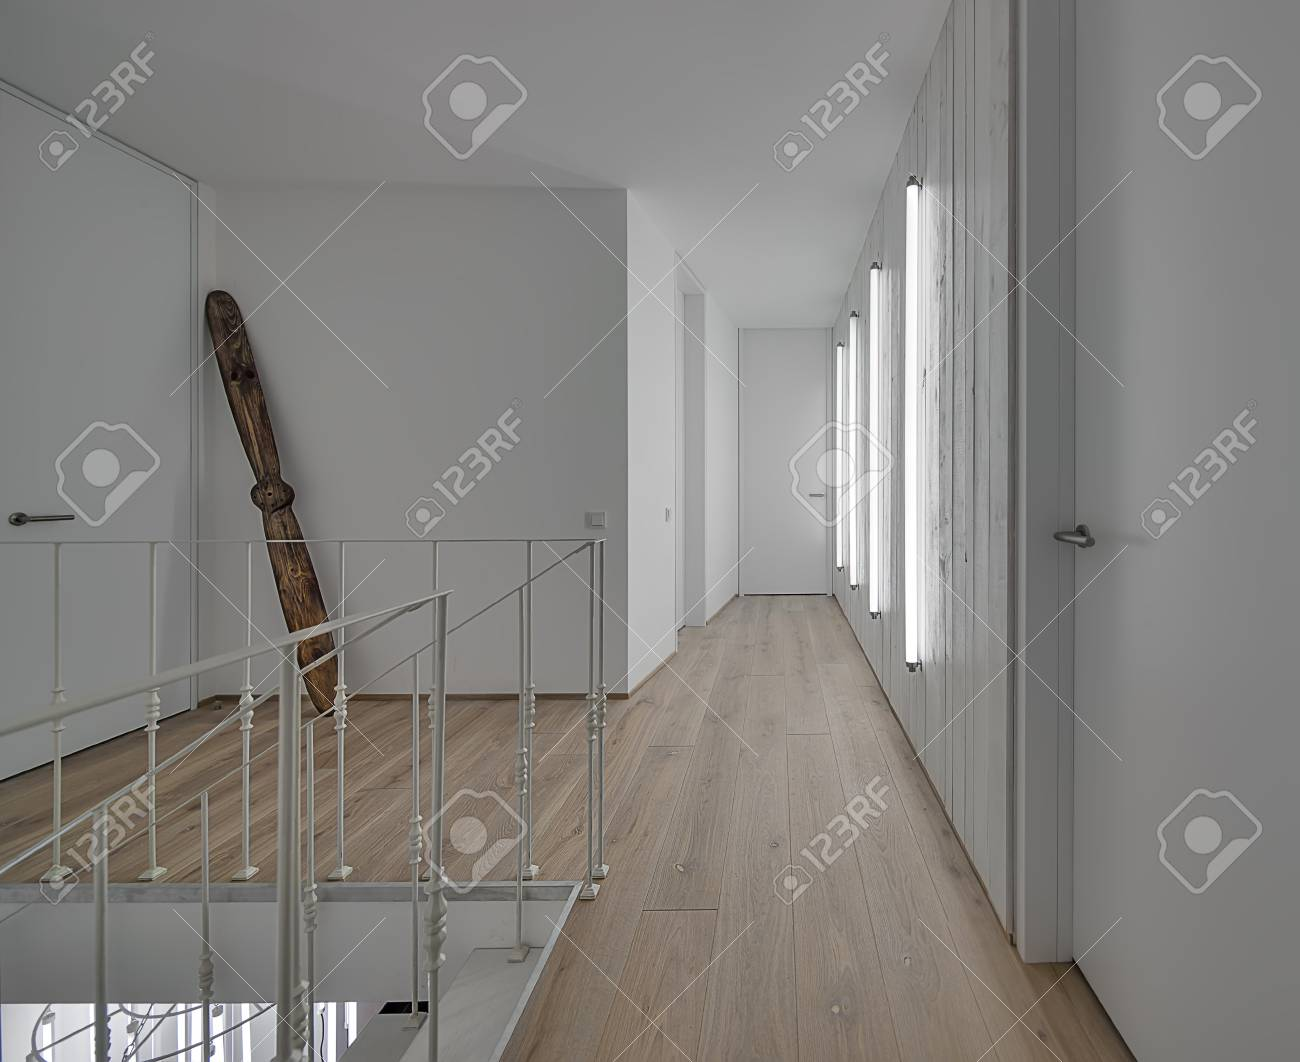 Couloir Moderne Avec Des Murs Blancs Et Un Parquet Au Sol. Il Y A ...